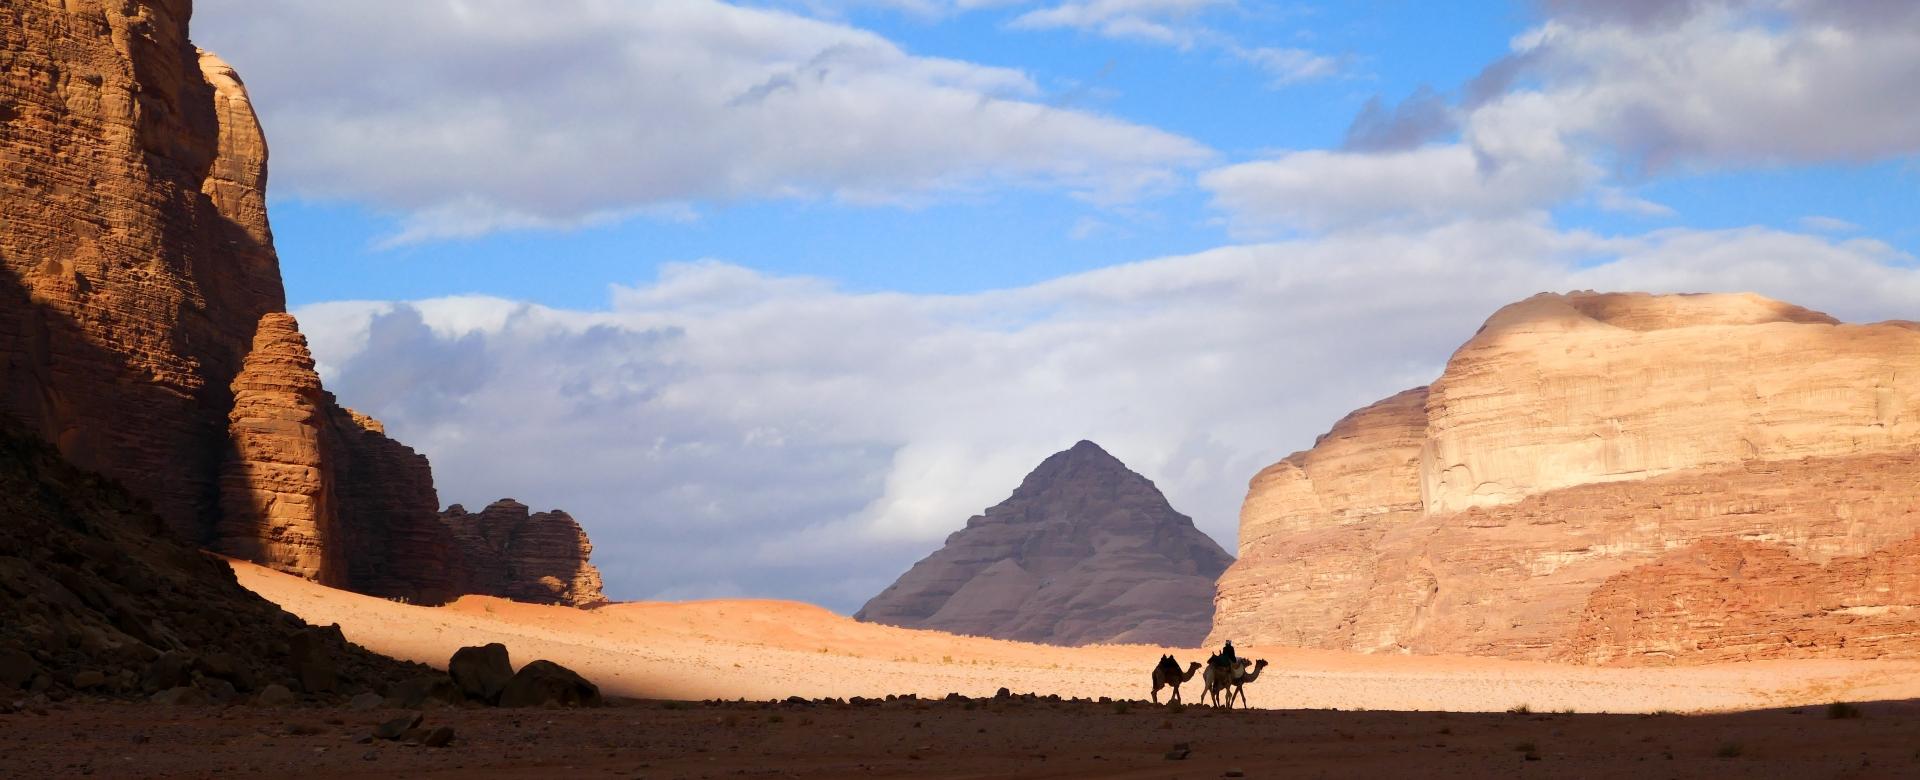 Voyage à pied : Wadi rum-pétra : piste nabatéenne oubliée